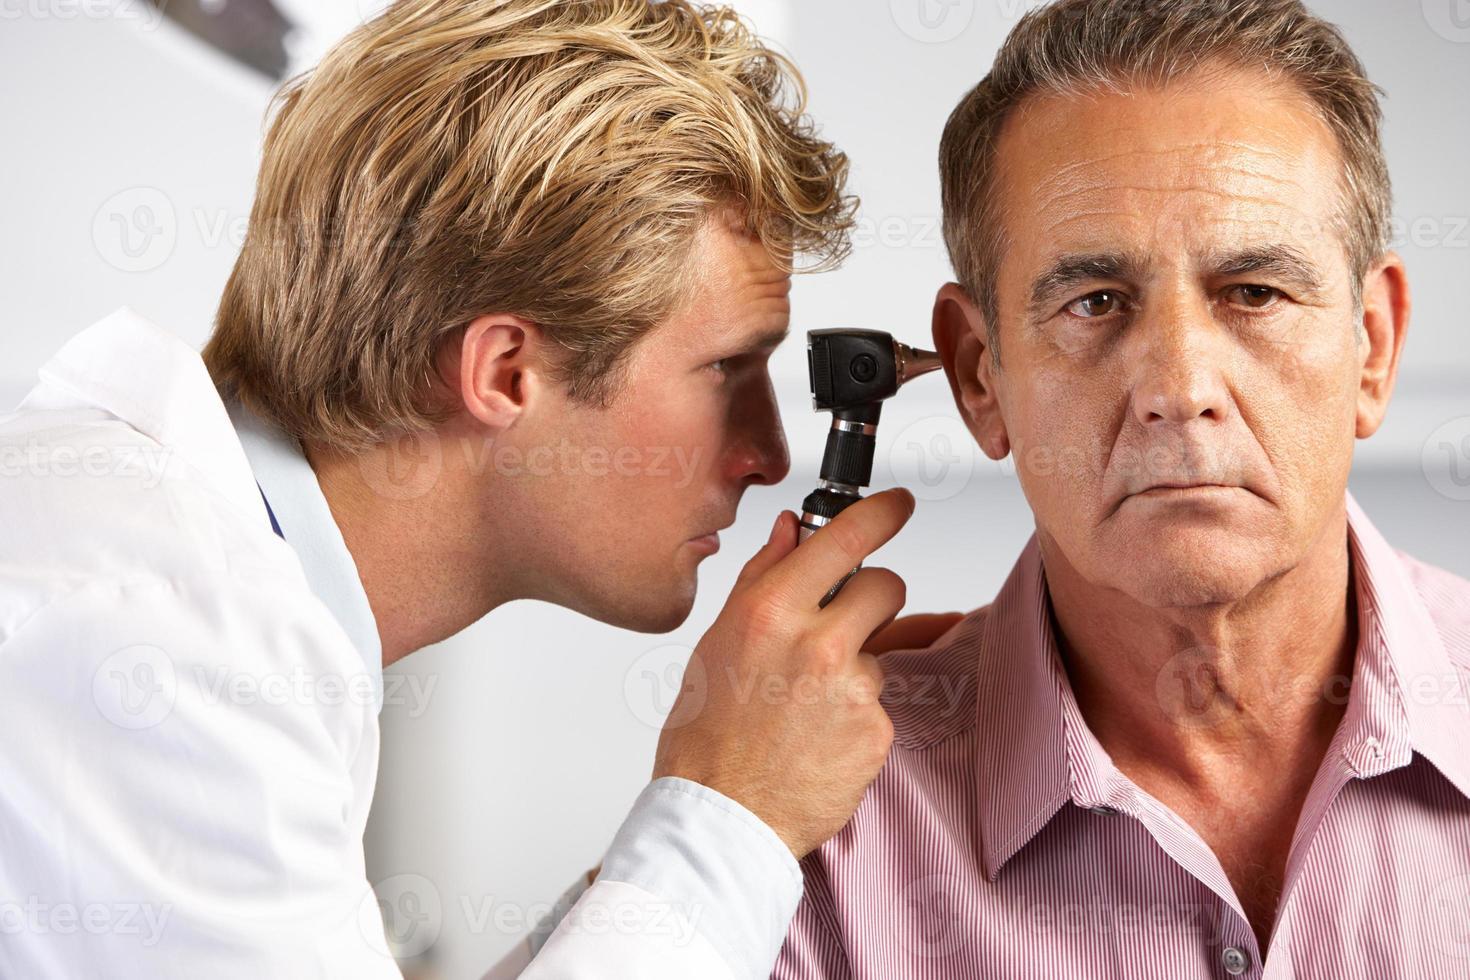 Arzt untersucht die Ohren des männlichen Patienten foto